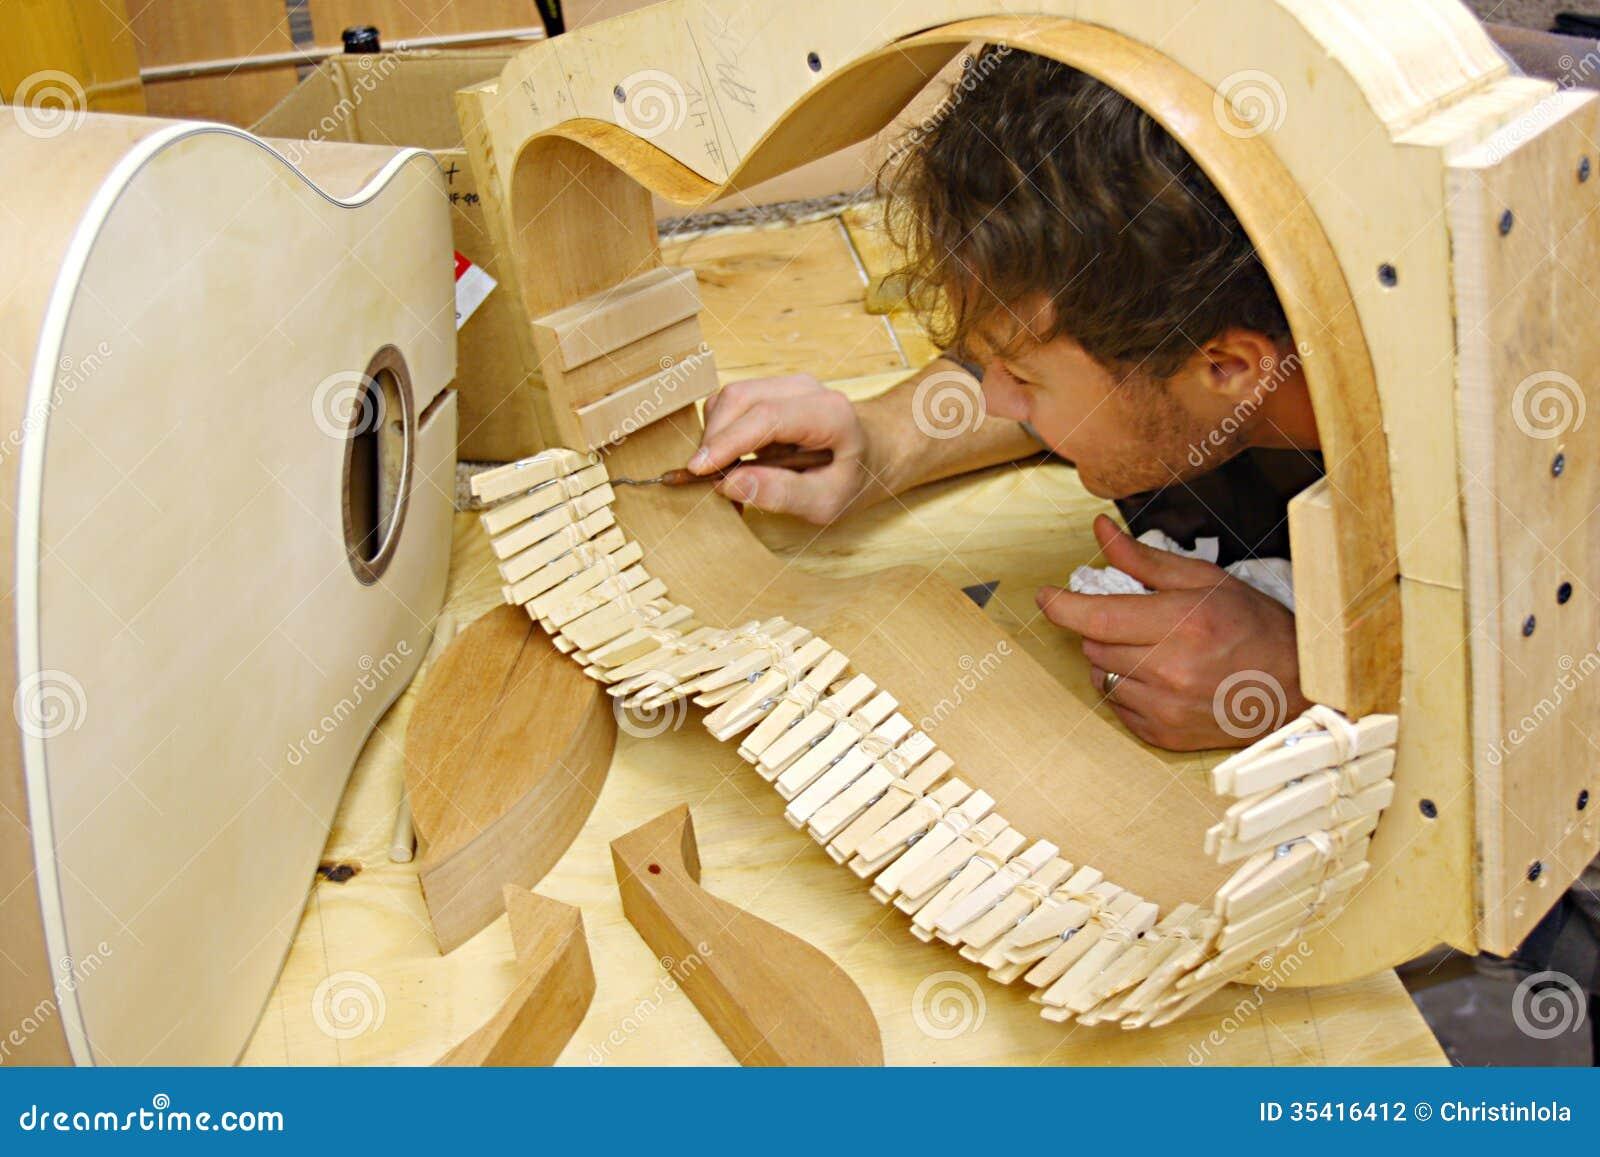 woodworker building guitar in workshop stock photo image 35416412. Black Bedroom Furniture Sets. Home Design Ideas